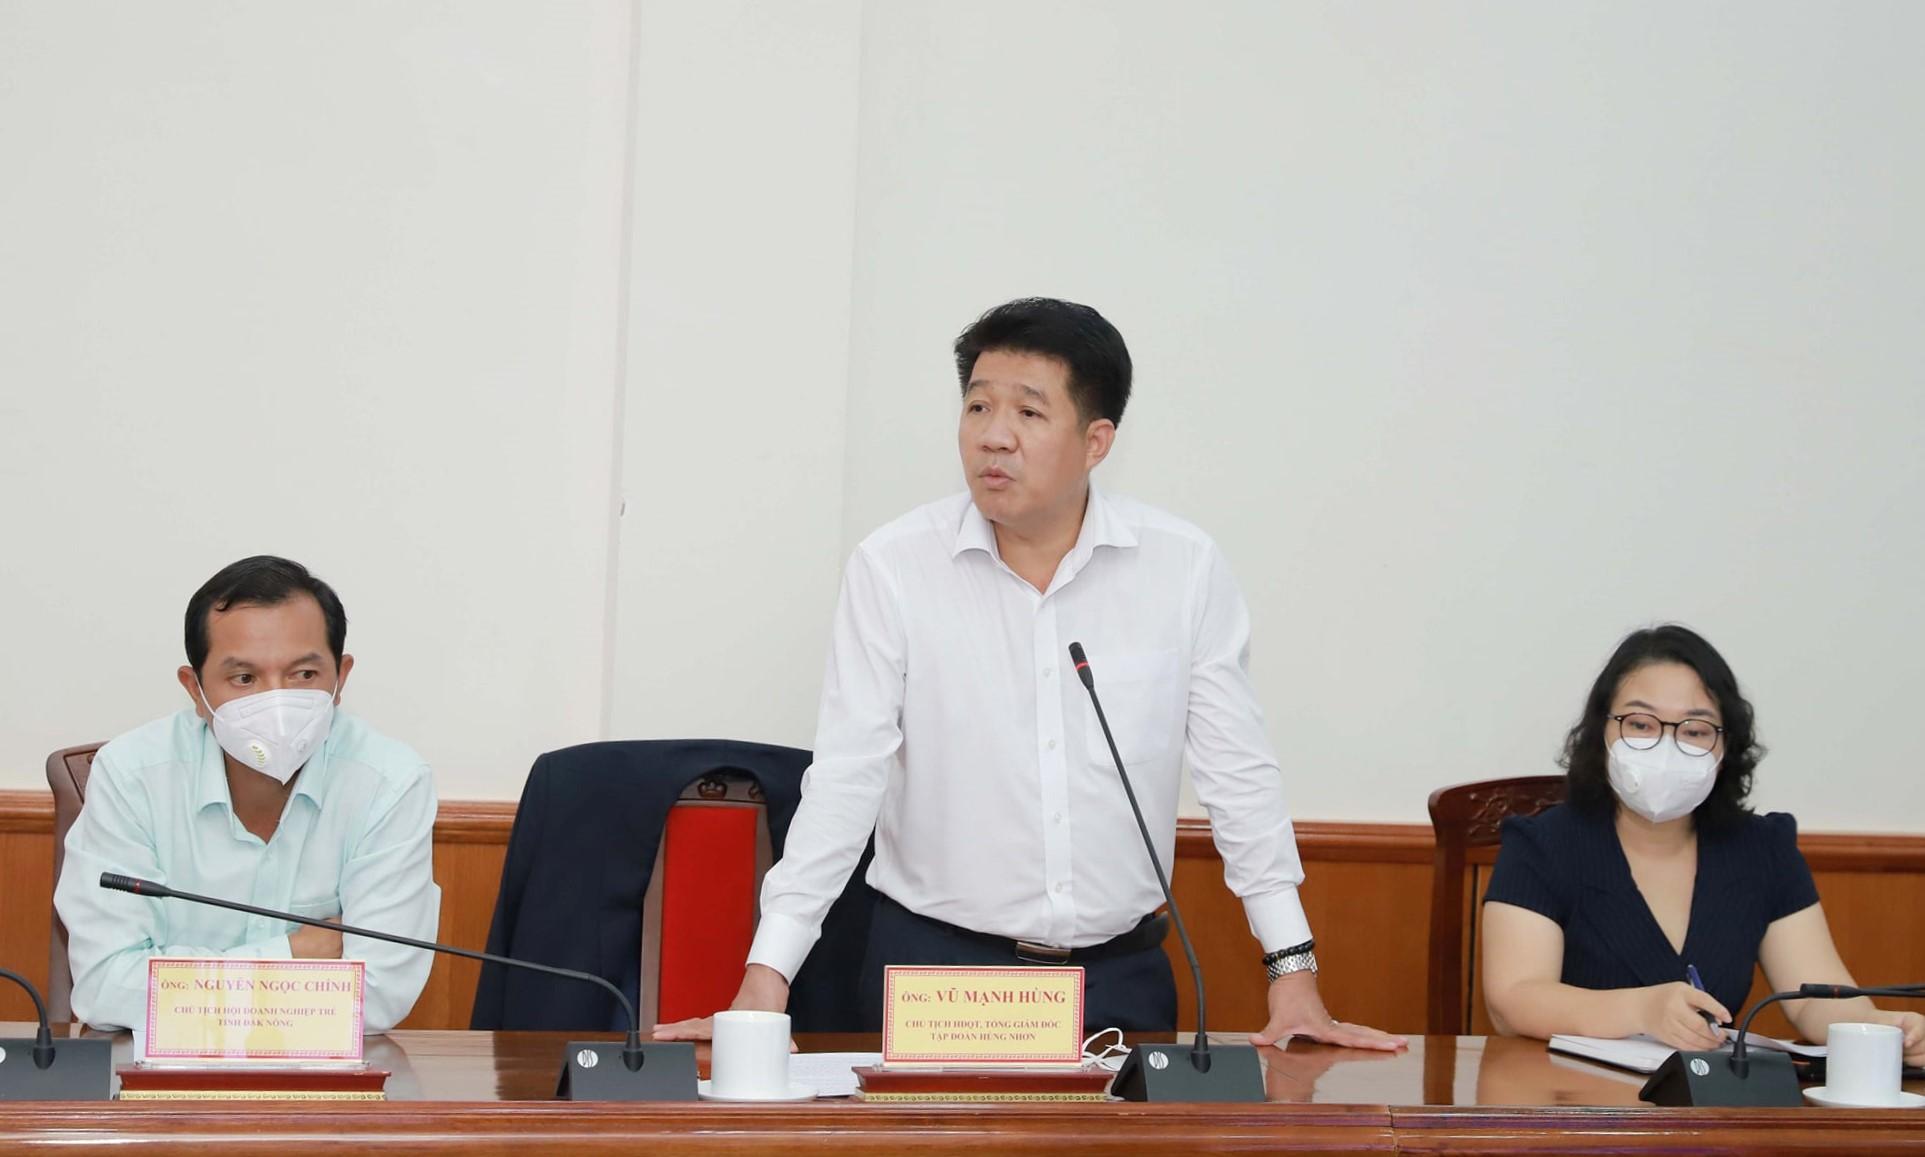 Ông Vũ Mạnh Hùng – Chủ tịch Tập Đoàn Hùng Nhơn.